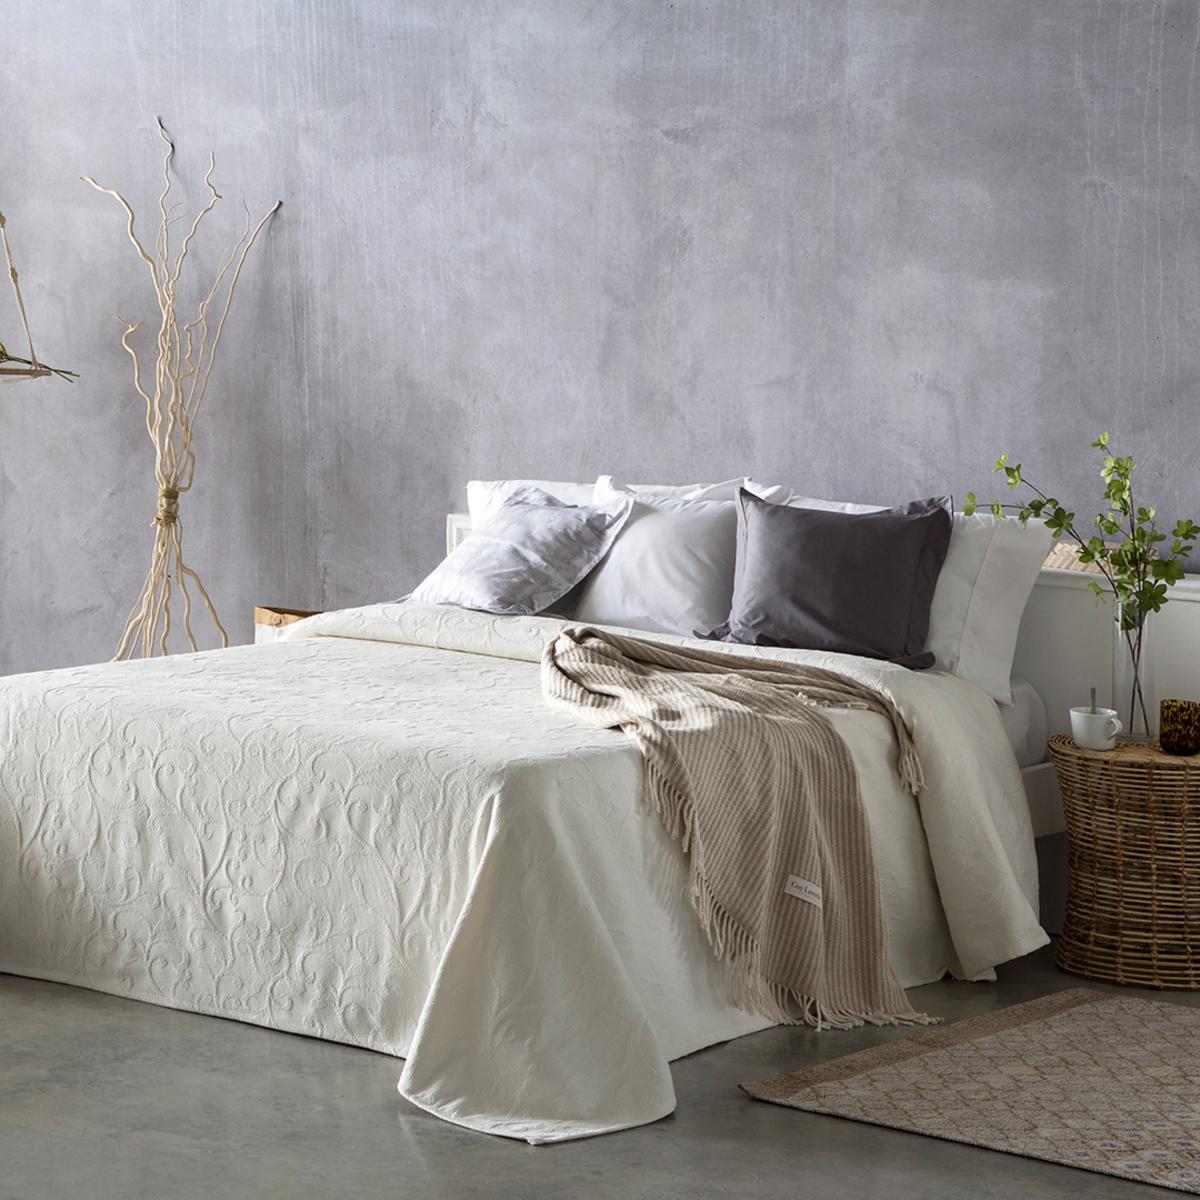 Couvre lit en coton beige 250x270